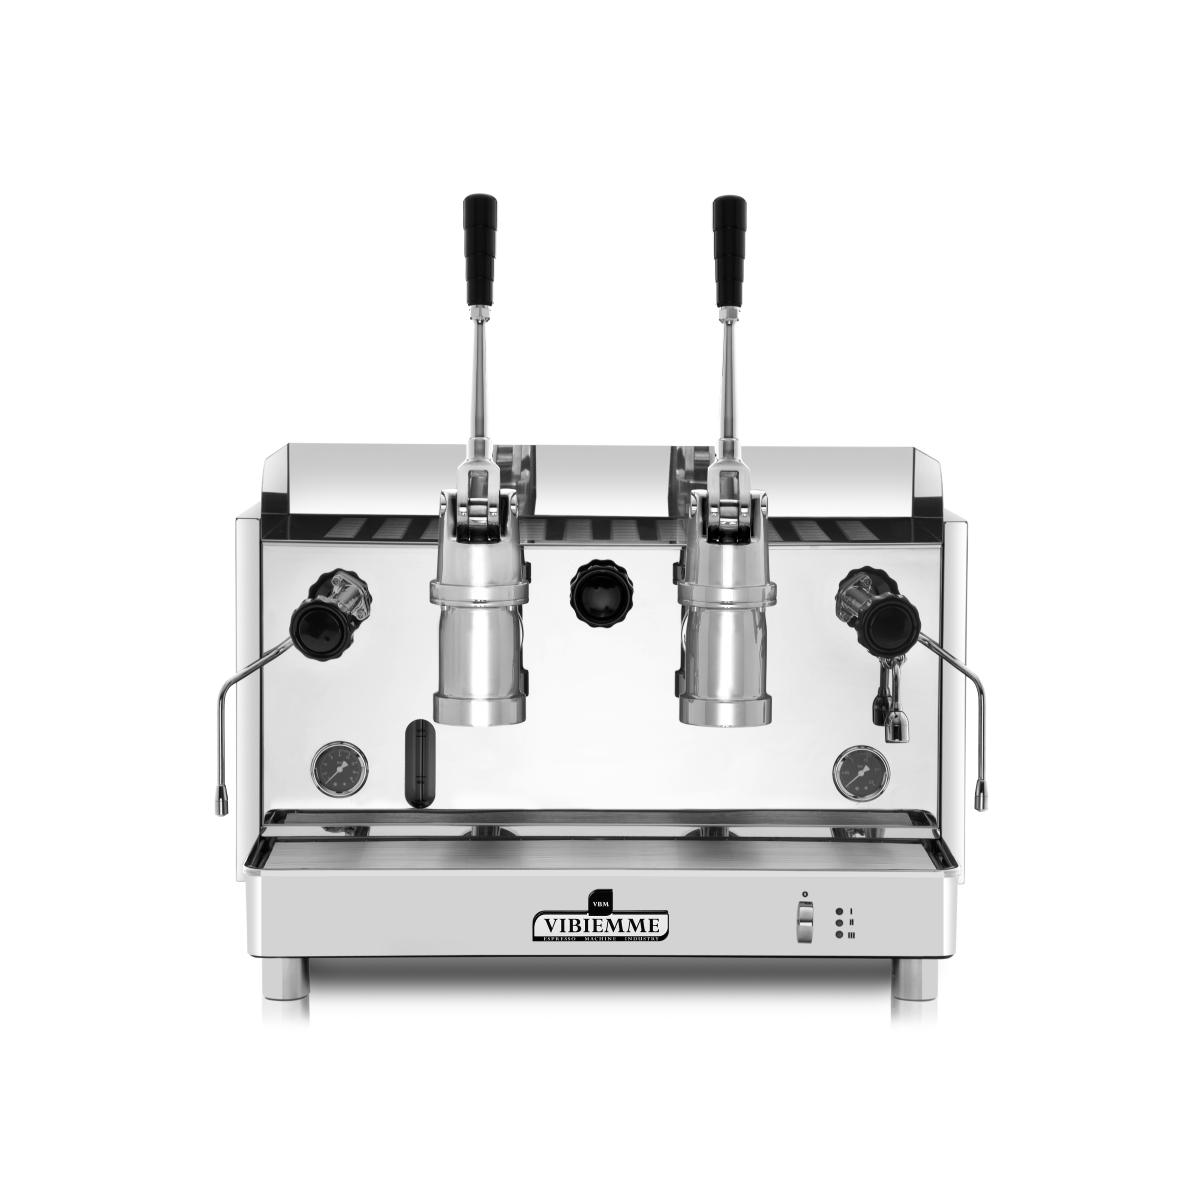 Espressor profesional Vibiemme Replica Pistone, 2 grupuri